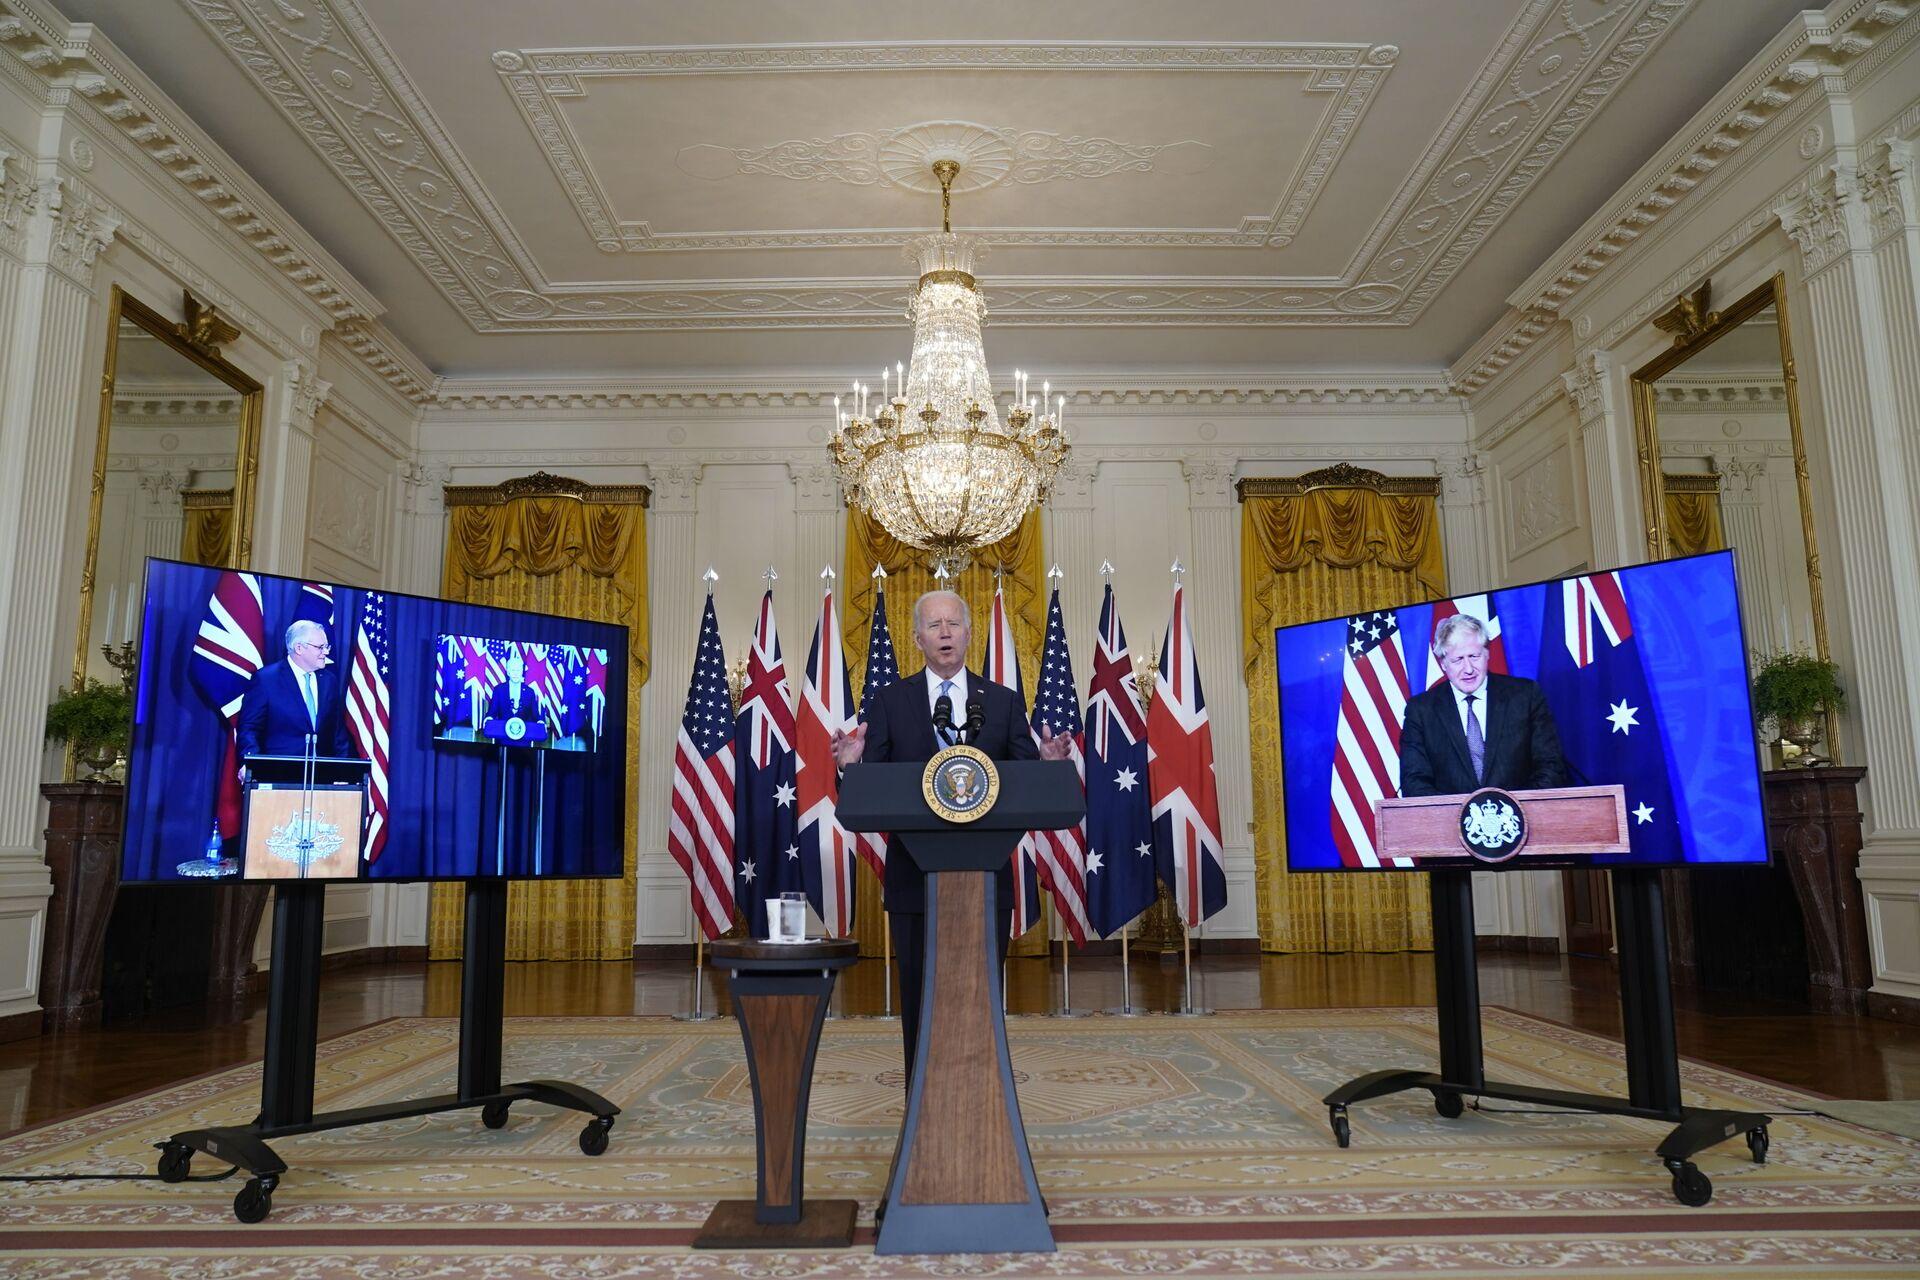 Tổng thống Joe Biden, Thủ tướng Úc Scott Morrison và Thủ tướng Anh Boris Johnson tại cuộc họp trực tuyến về sáng kiến an ninh quốc gia mới của Hoa Kỳ hợp tác với Úc và Vương quốc Anh - Sputnik Việt Nam, 1920, 05.10.2021